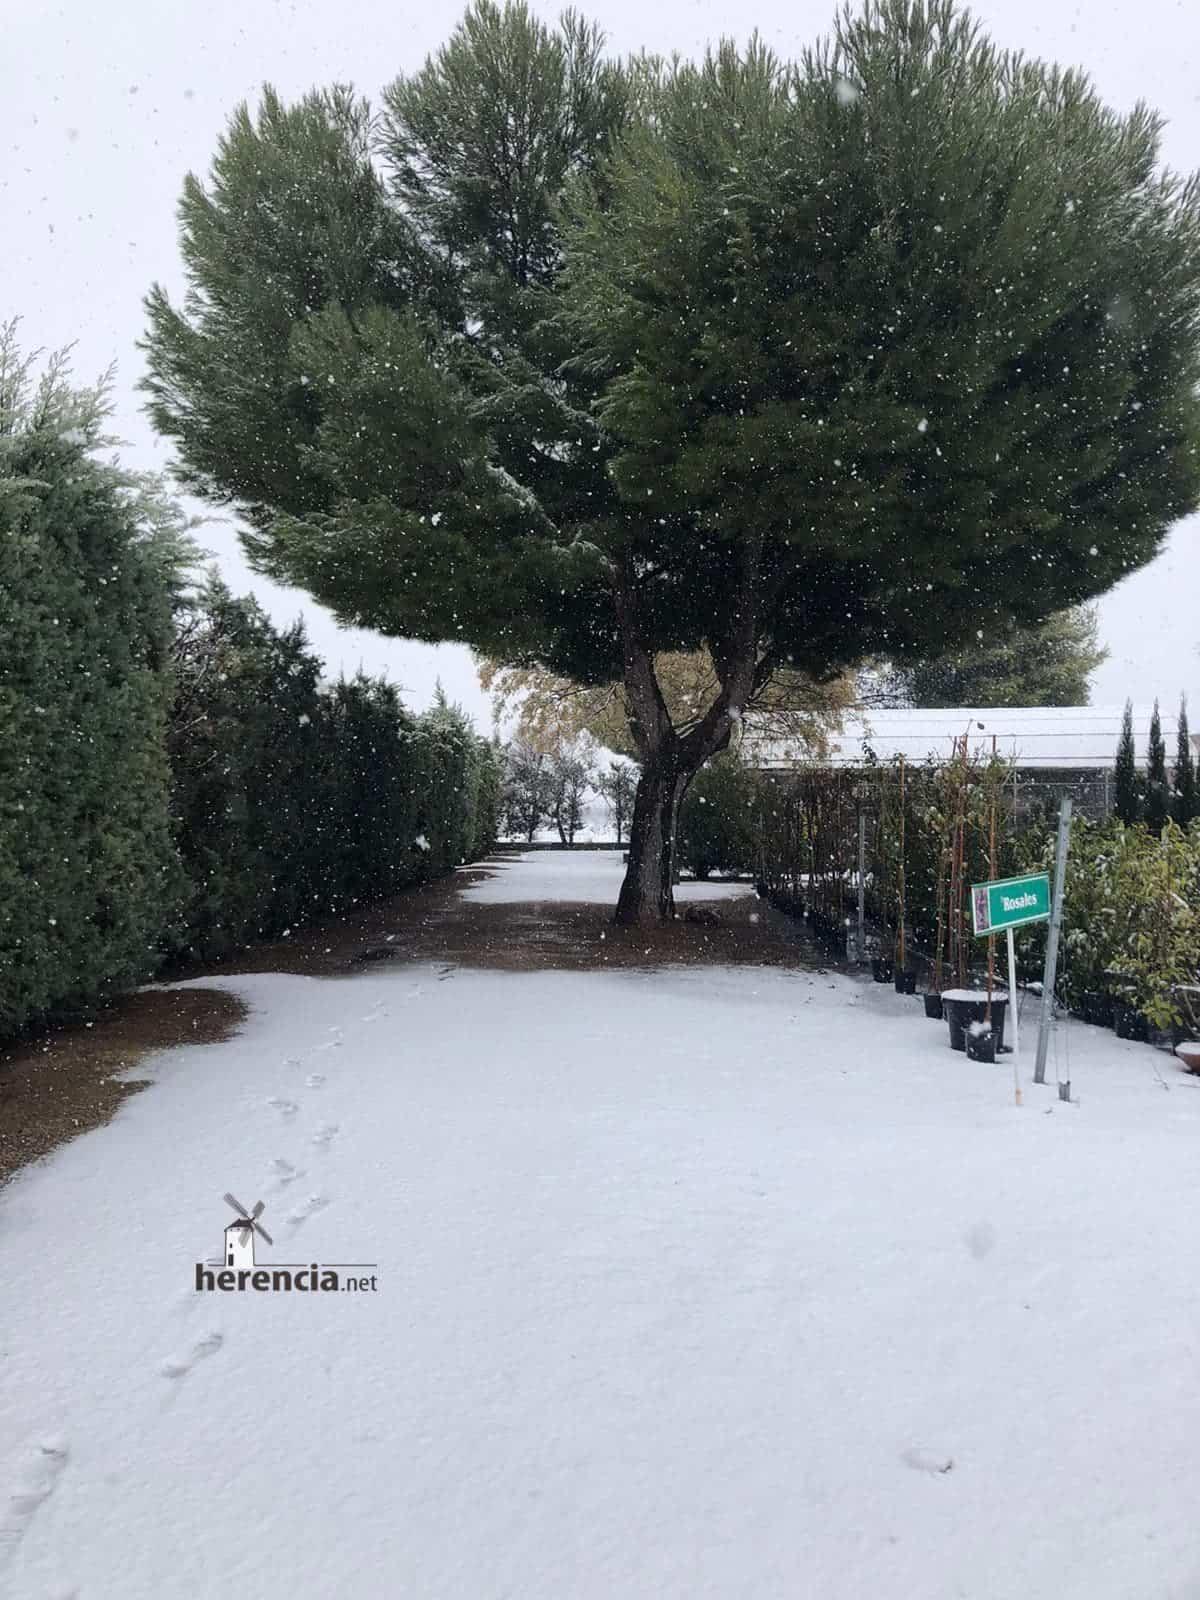 Las nevadas llegan Herencia y a toda Castilla-La Mancha (actualizado) 118